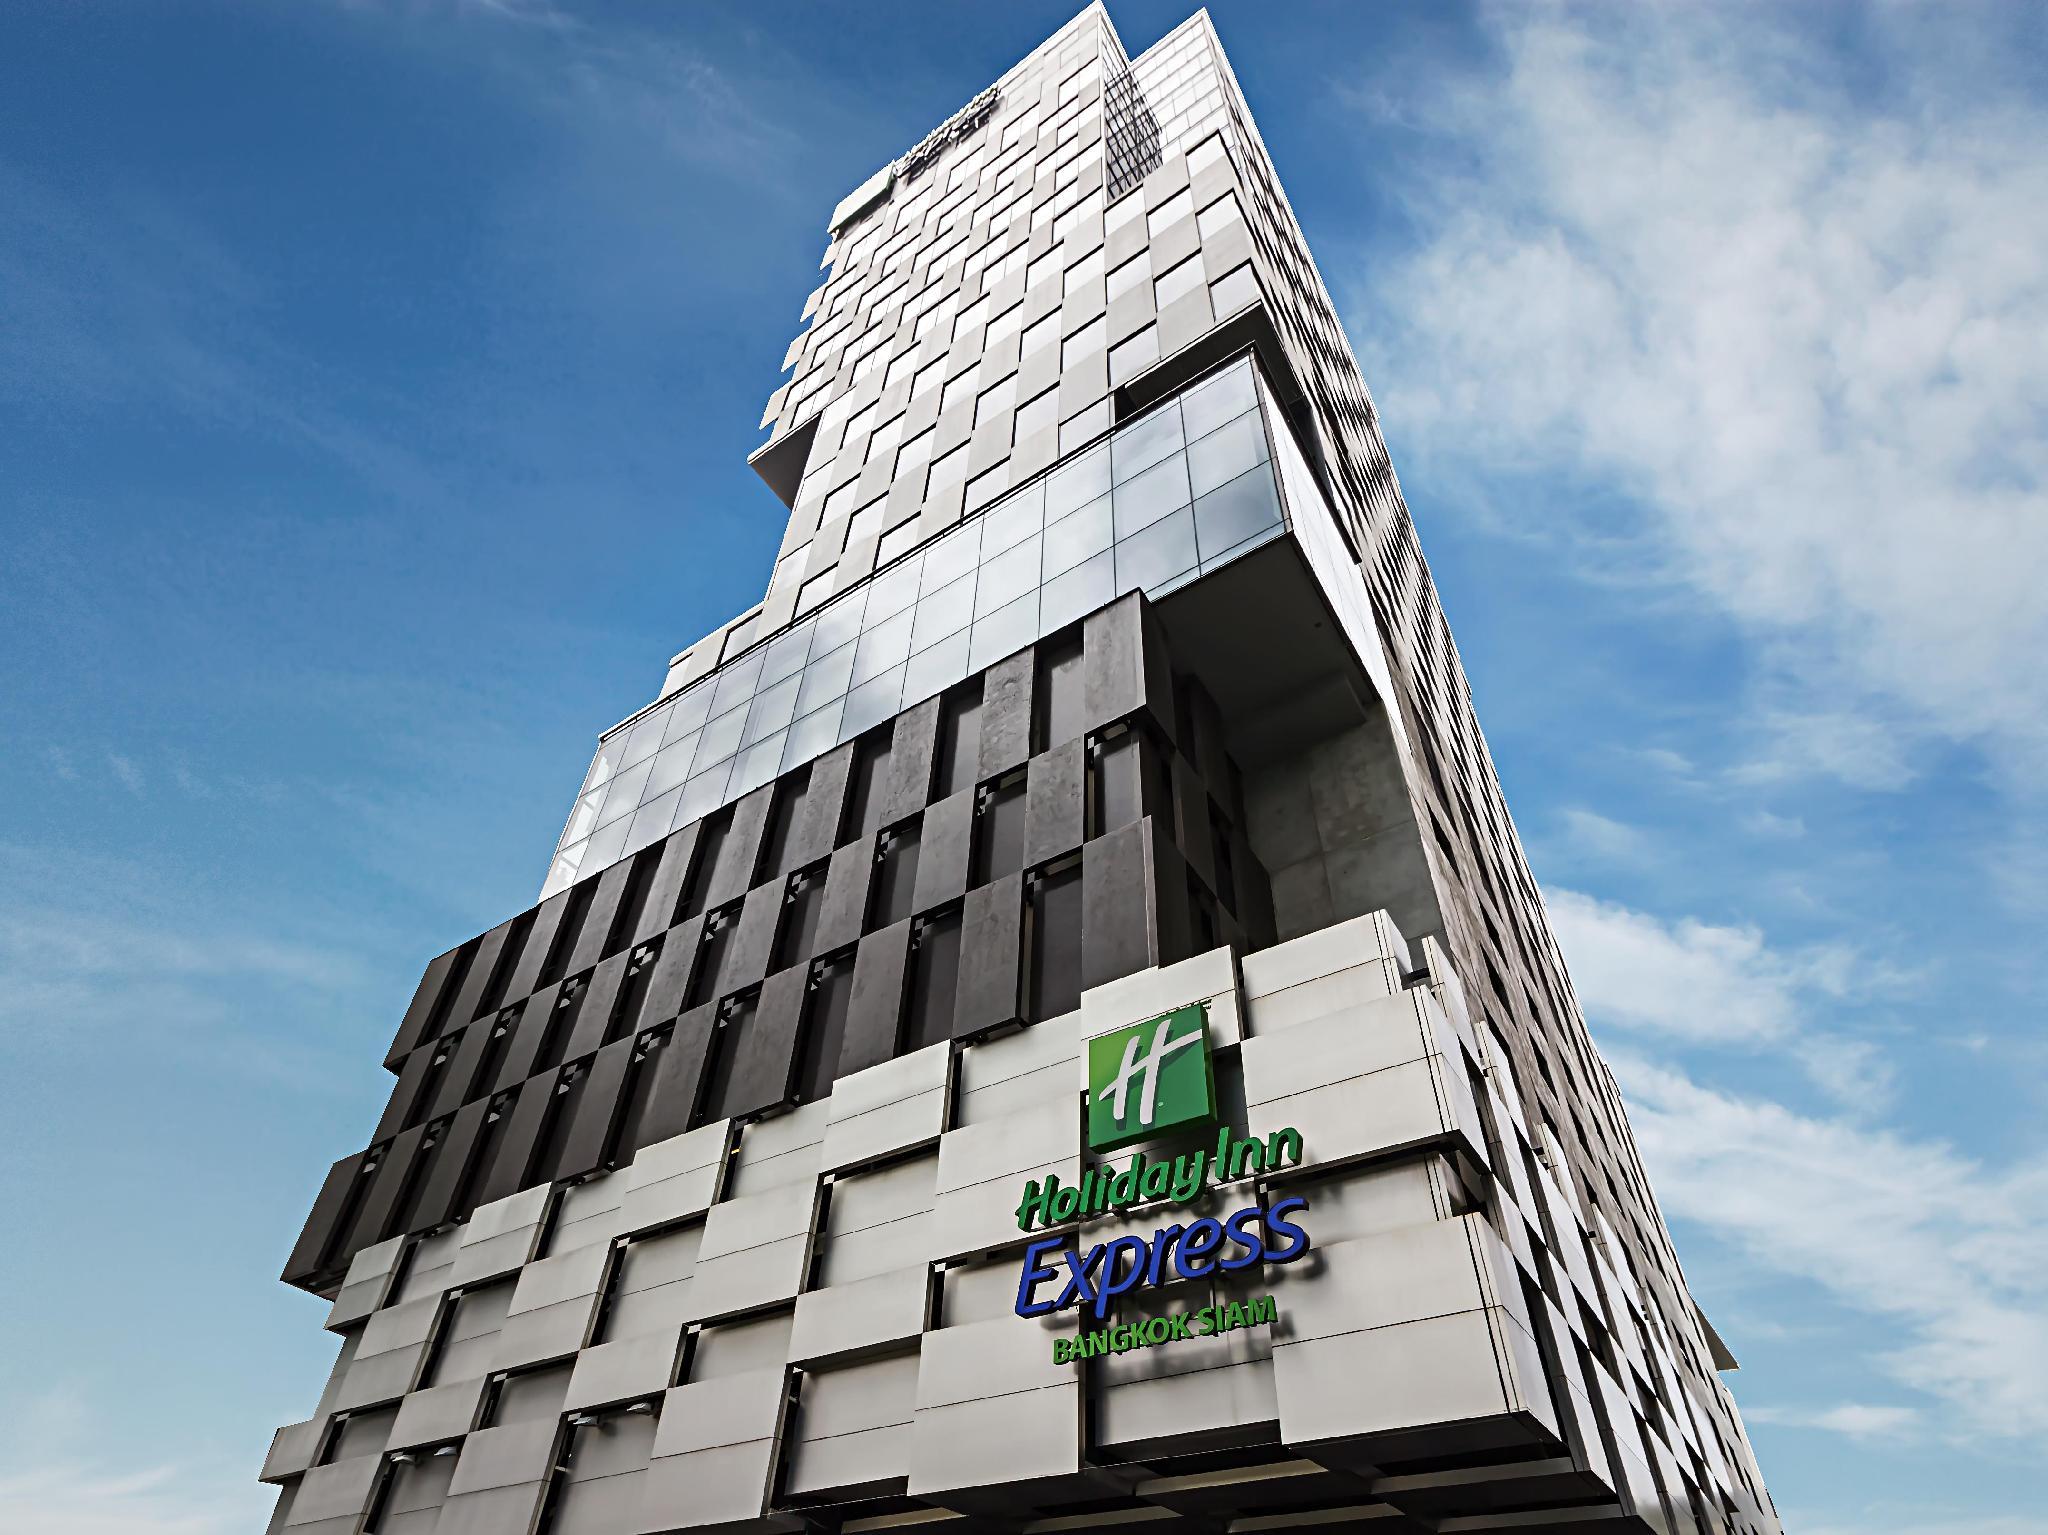 Holiday Inn Express Bangkok Siam,ฮอลิเดย์ อินน์ เอ็กซ์เพรส กรุงเทพฯ สยาม